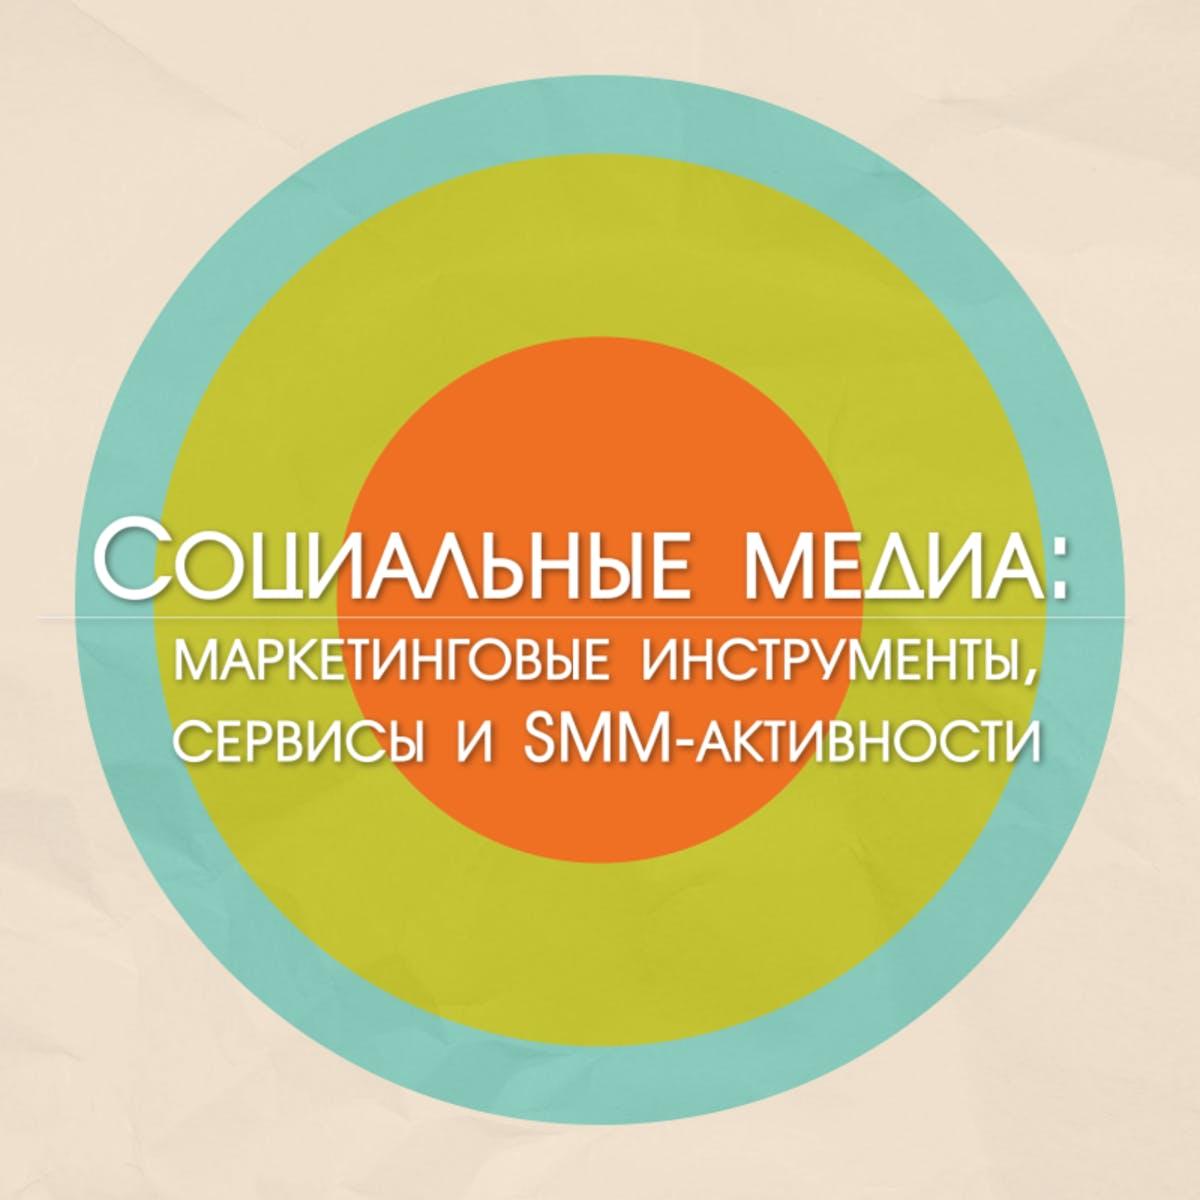 Социальные медиа: маркетинговые инструменты, сервисы и SMM-активности